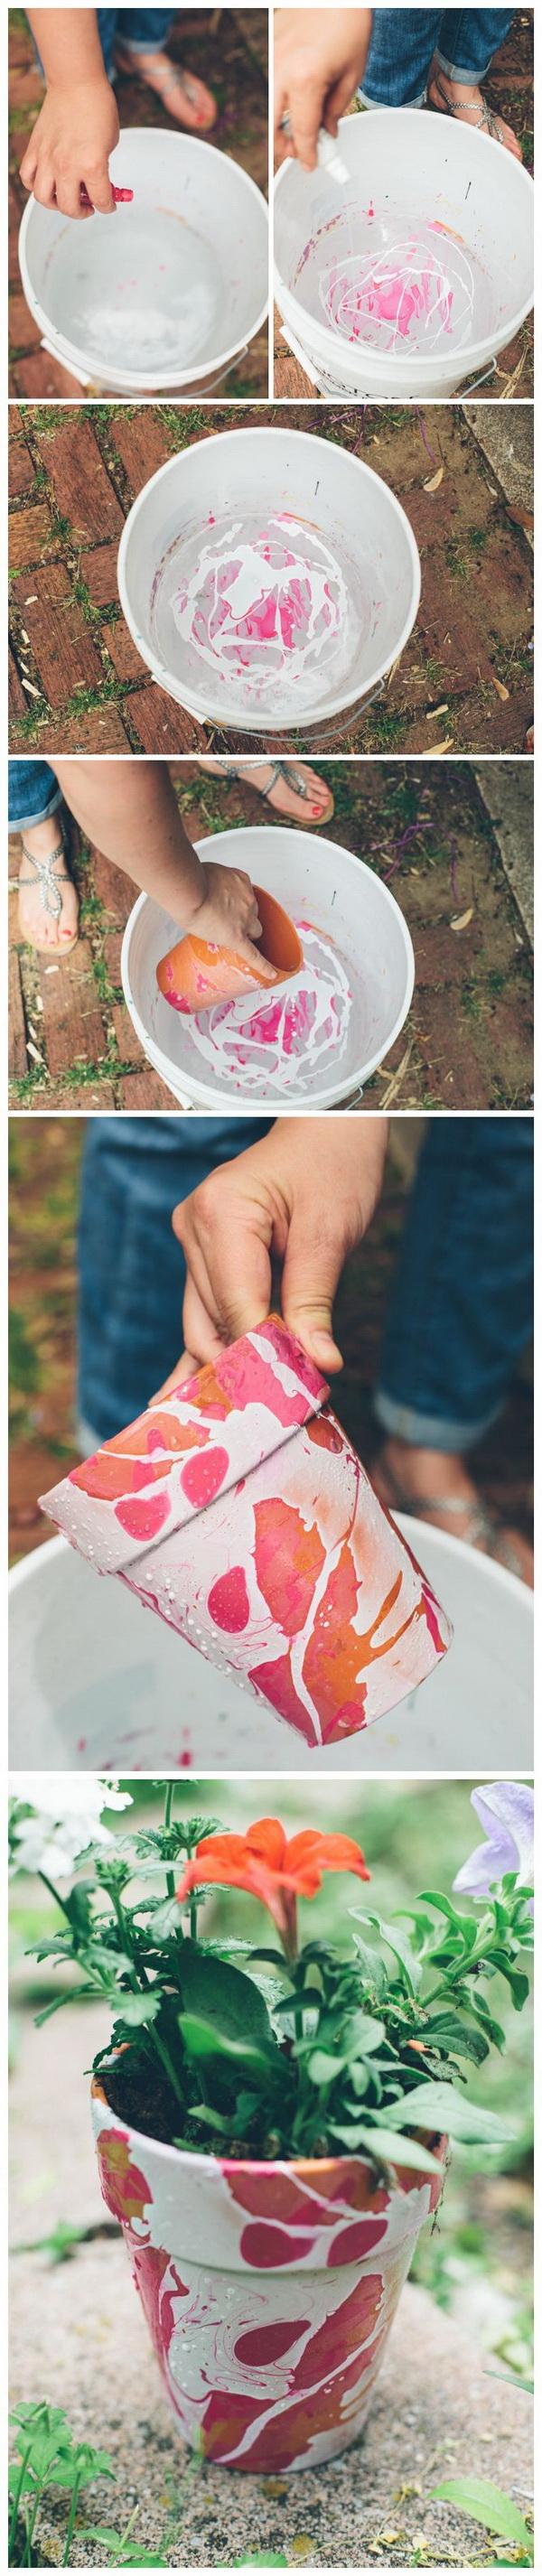 DIY Nail Polish Marbled Planters.